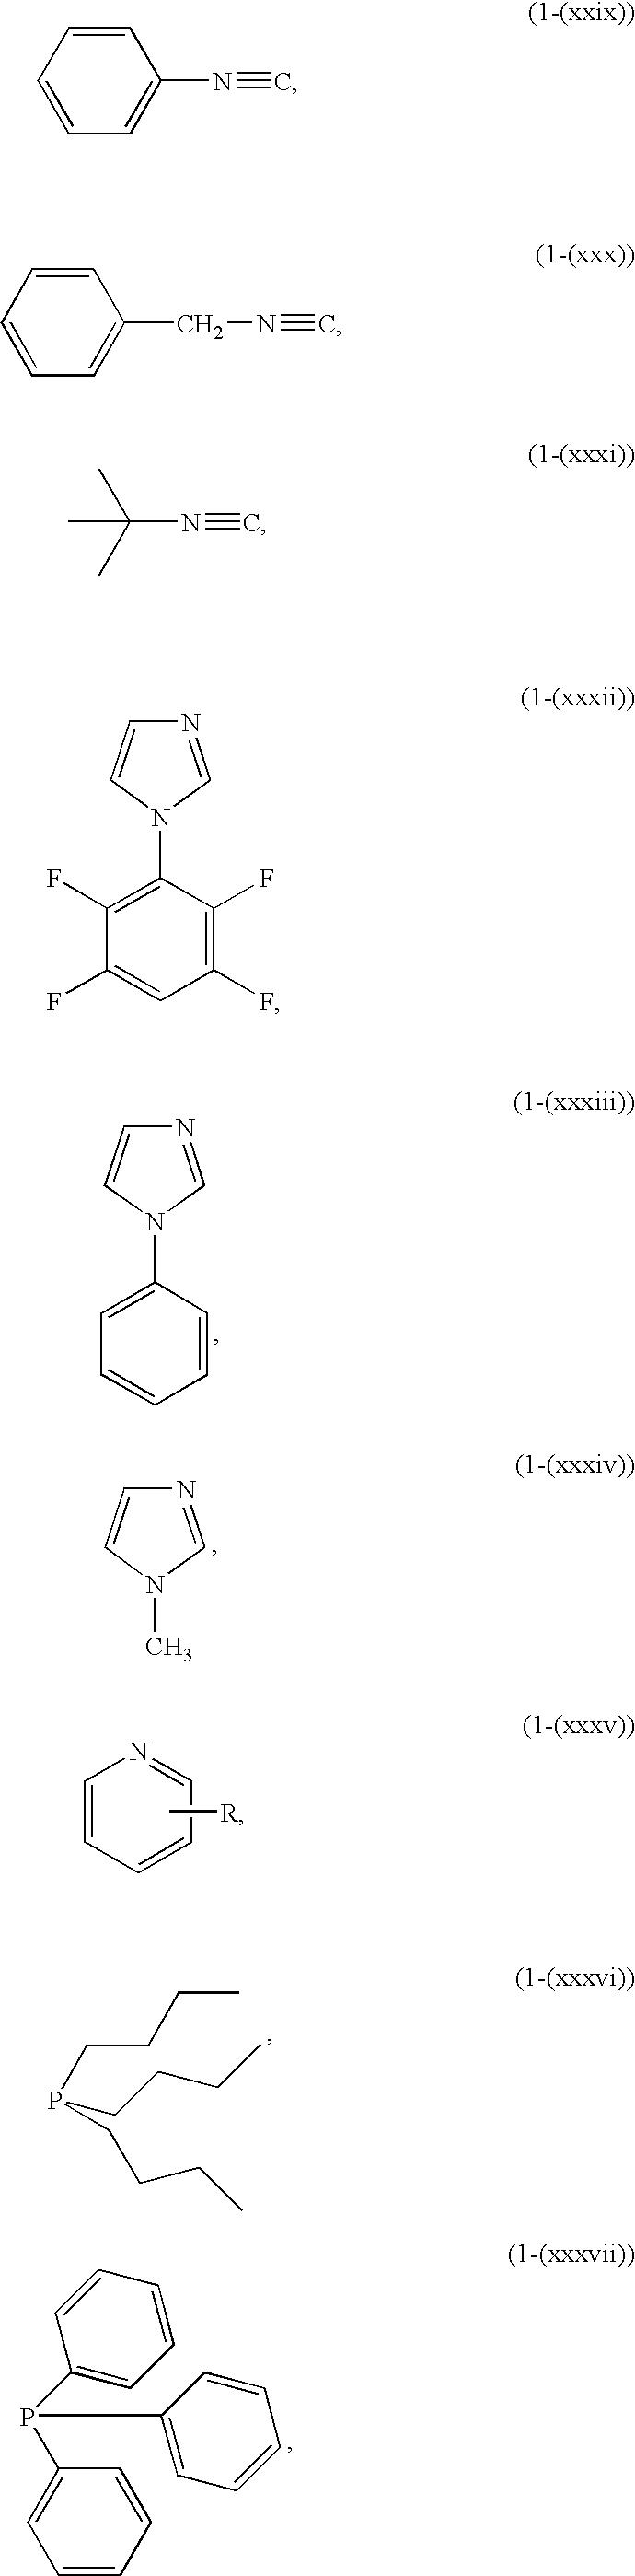 Figure US20060177695A1-20060810-C00038